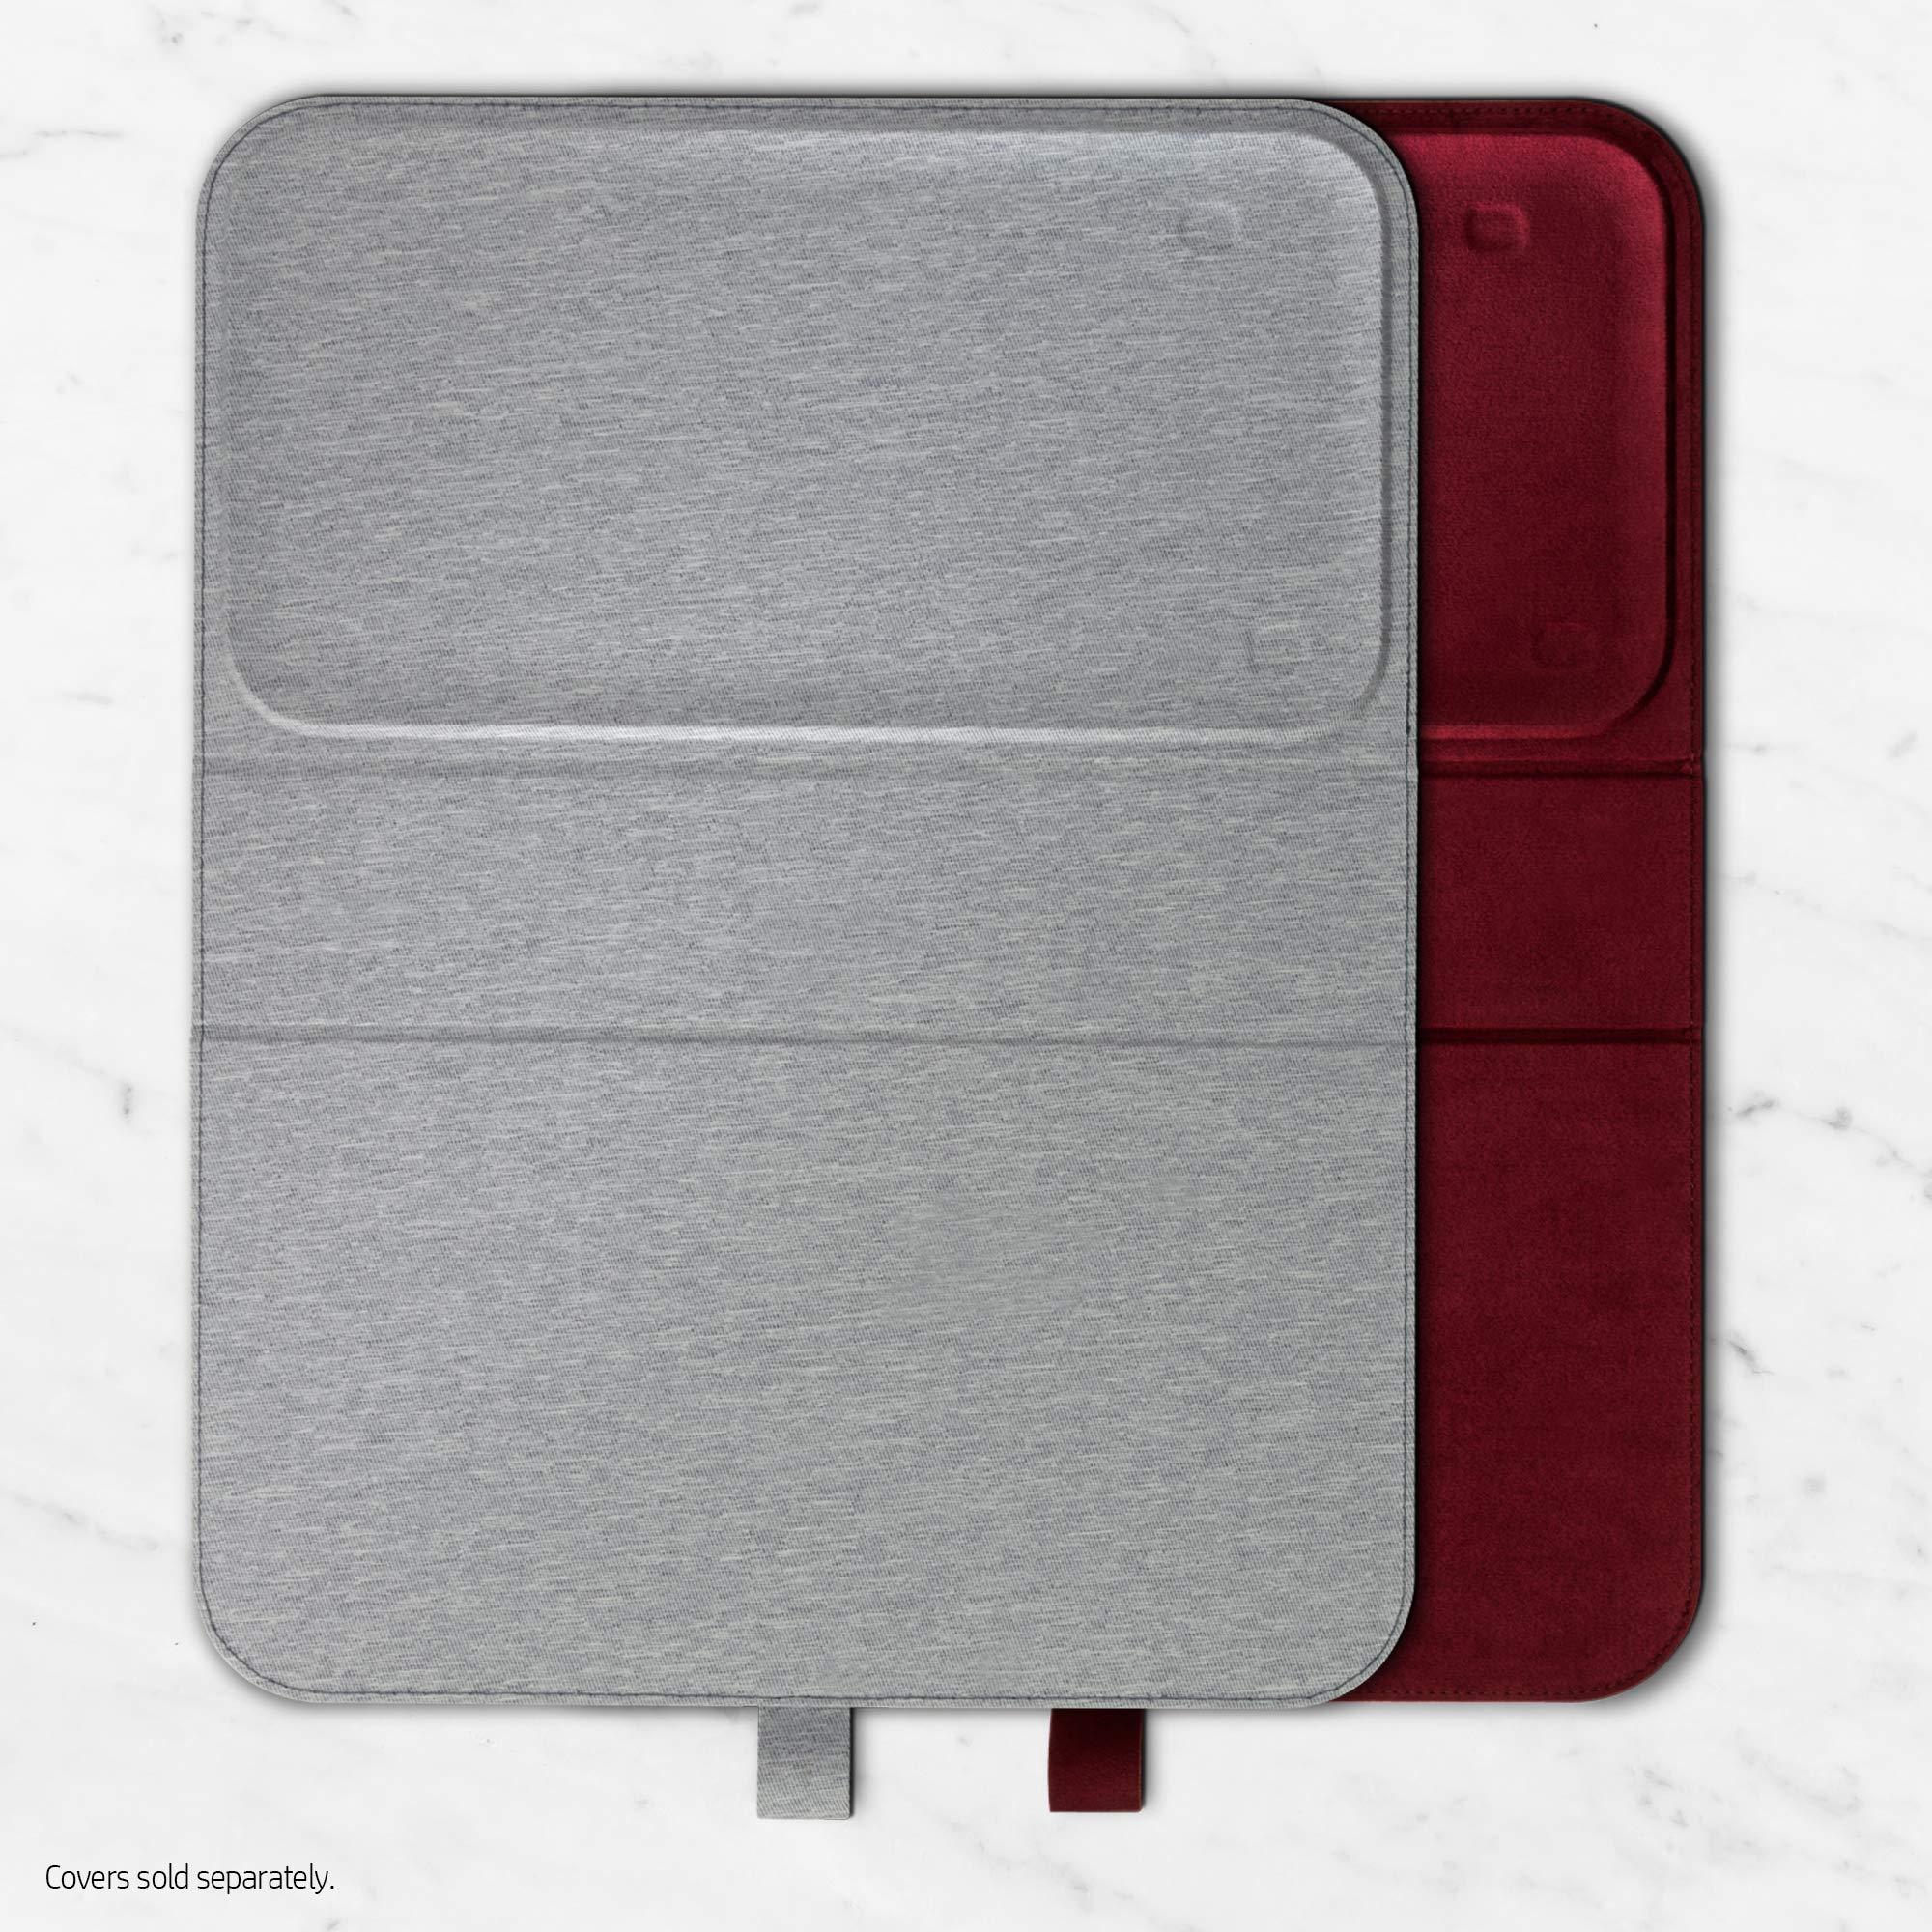 HP Tango Indigo Linen Cover (5FT99A) by HP (Image #5)